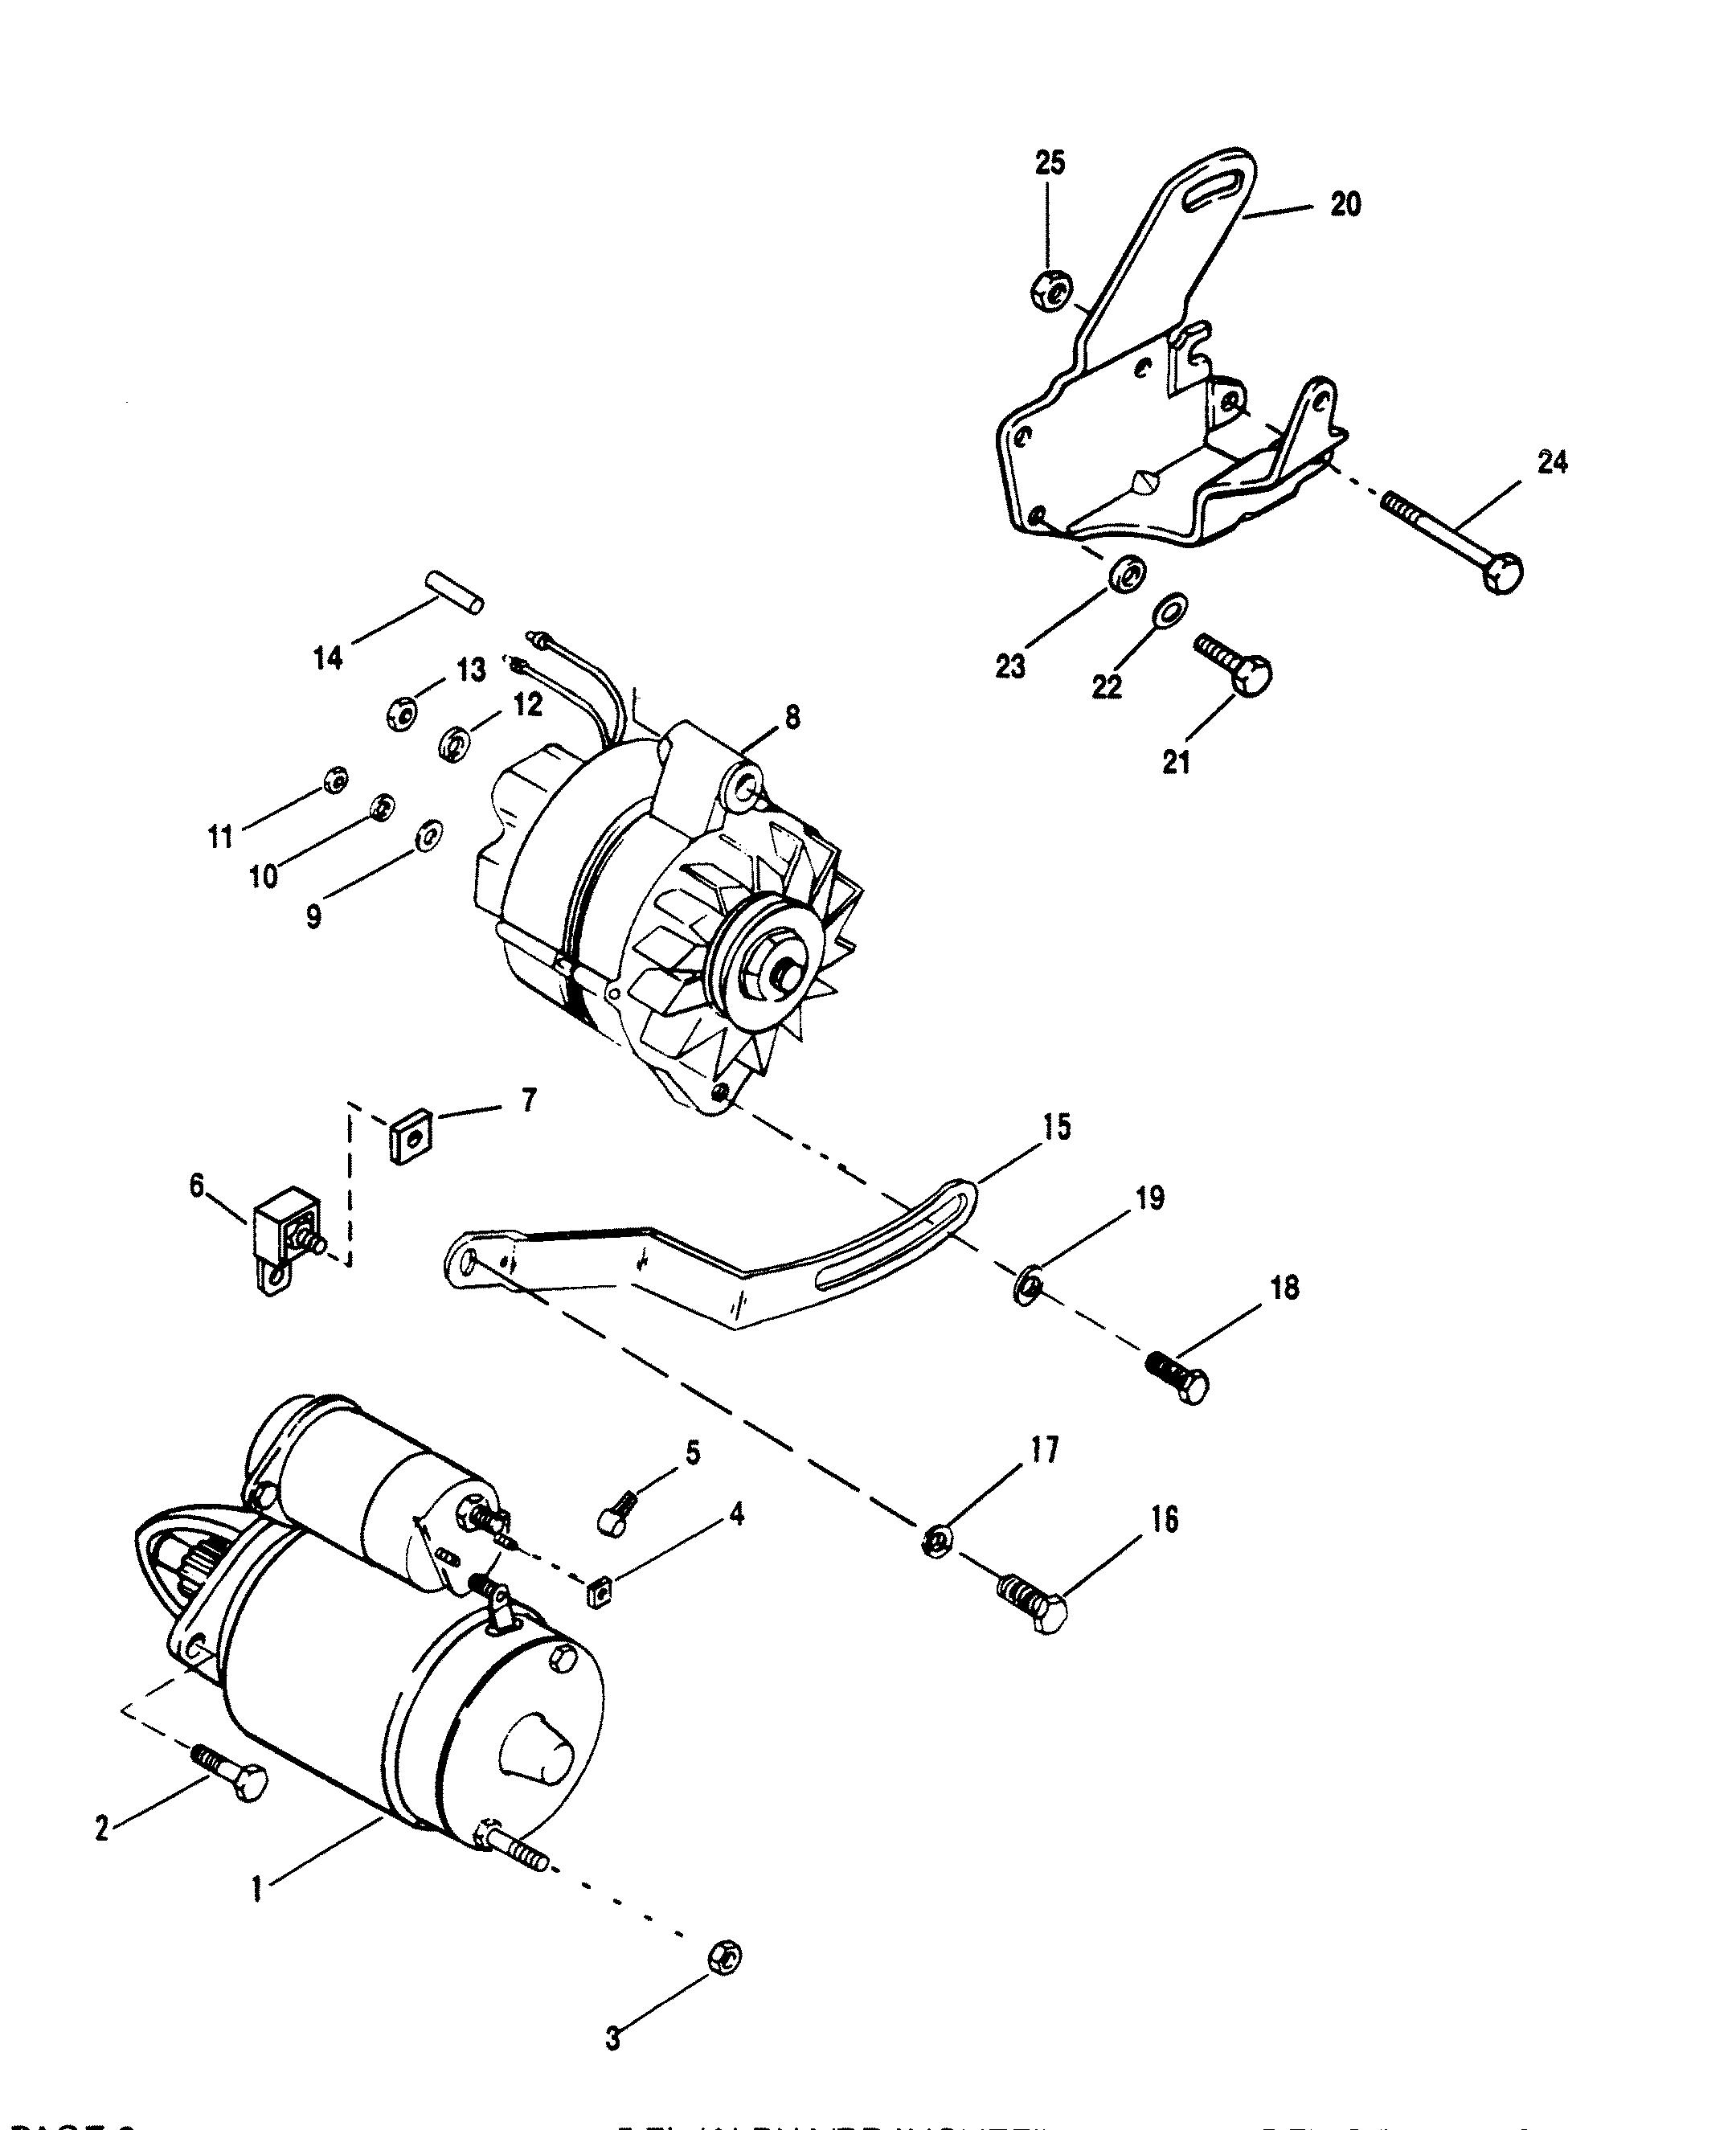 Vortec 454 Alternator Wiring Diagram